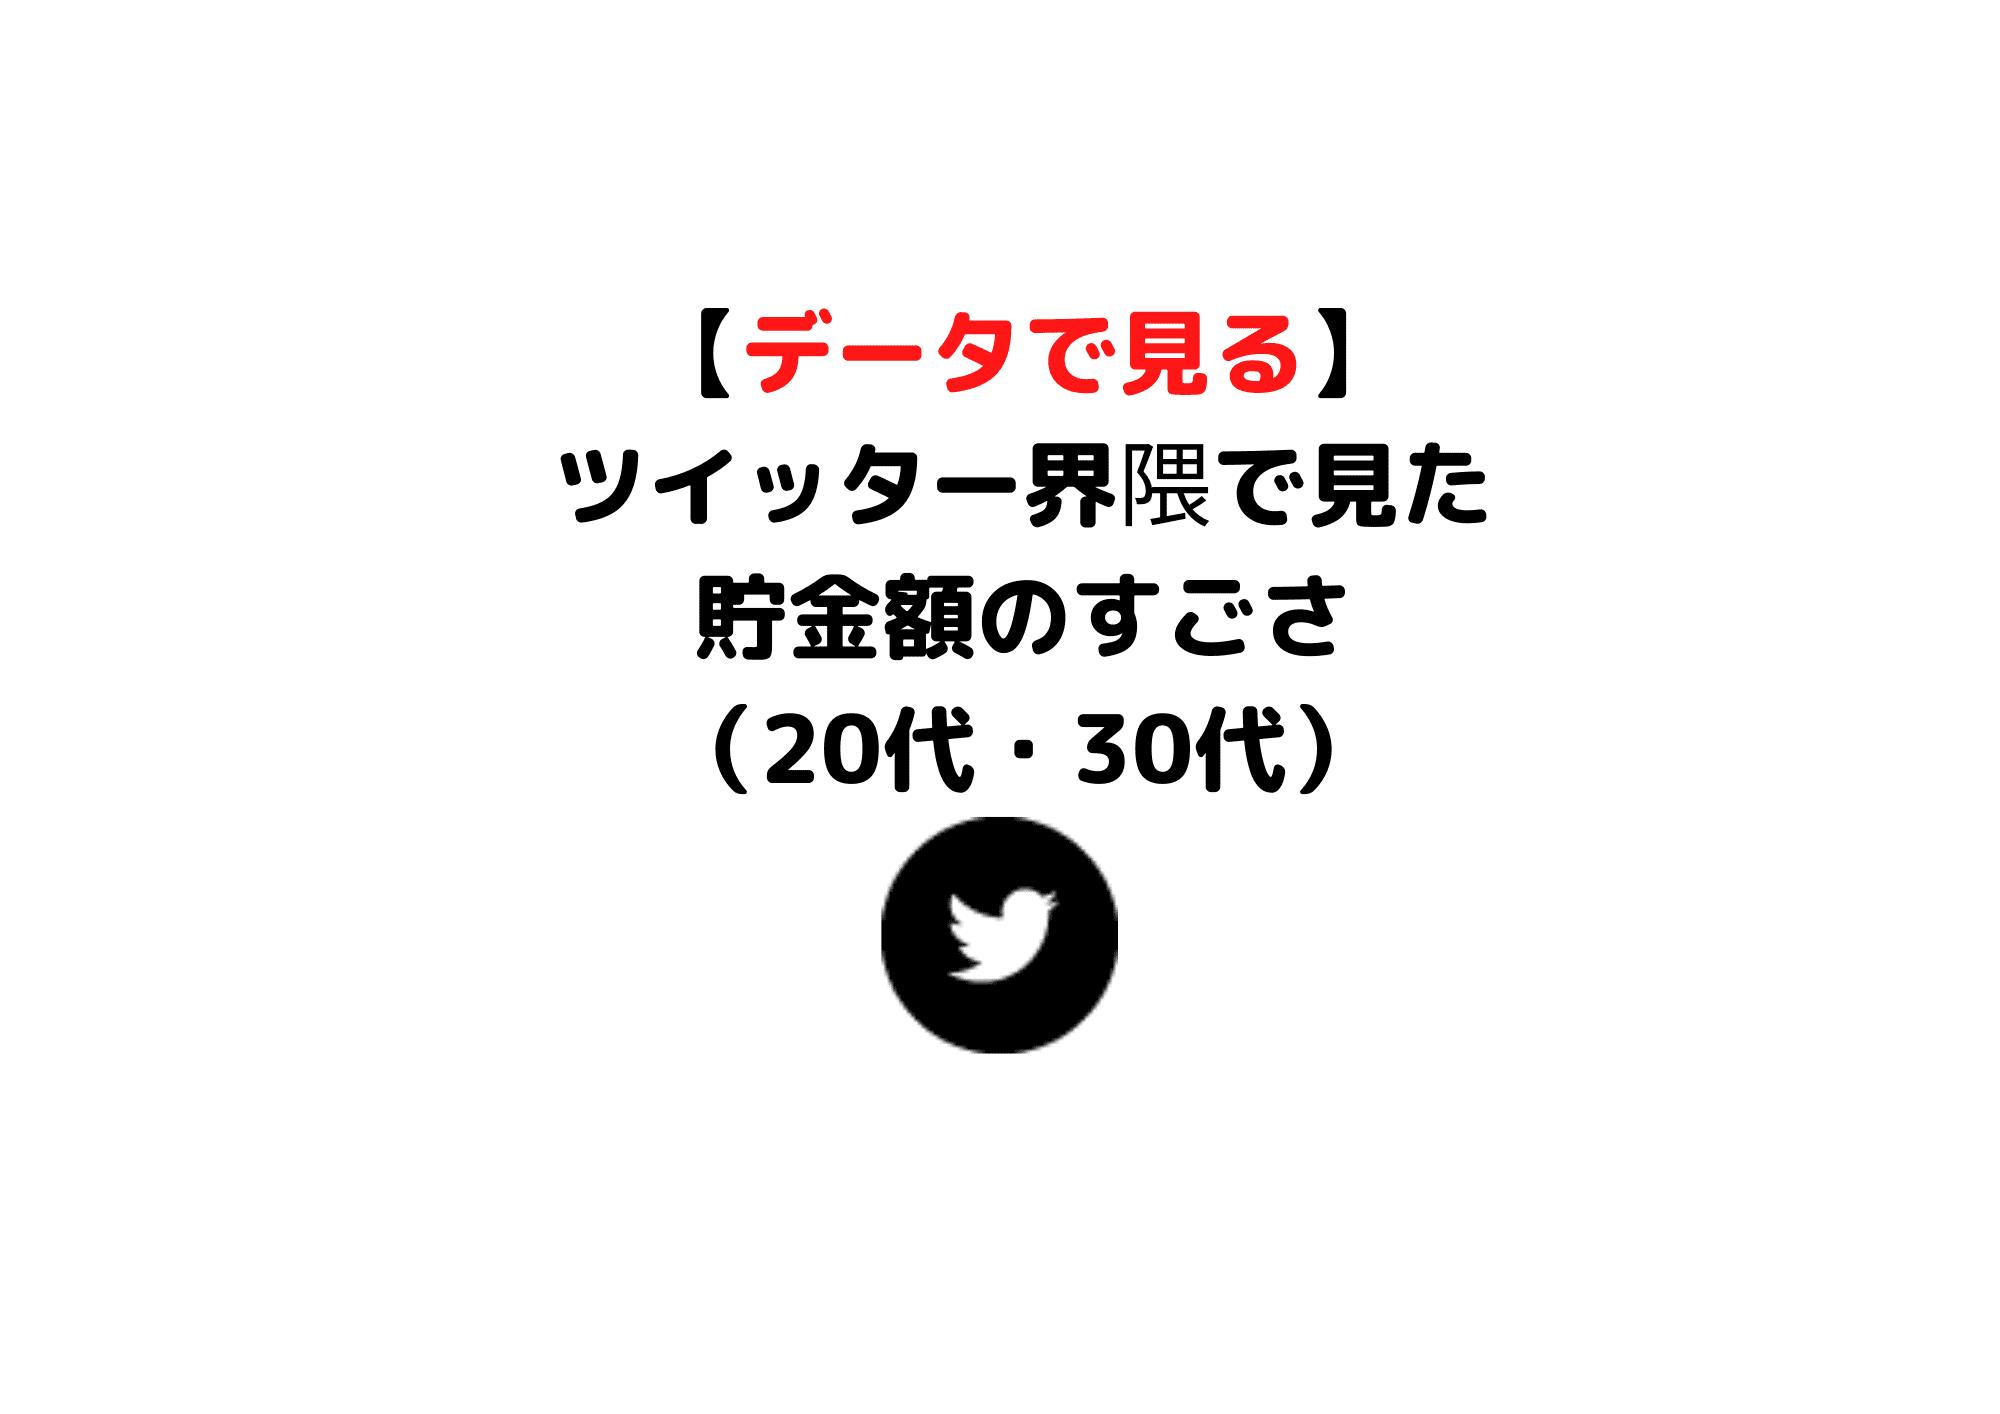 データで見る Twitter界隈 (1)